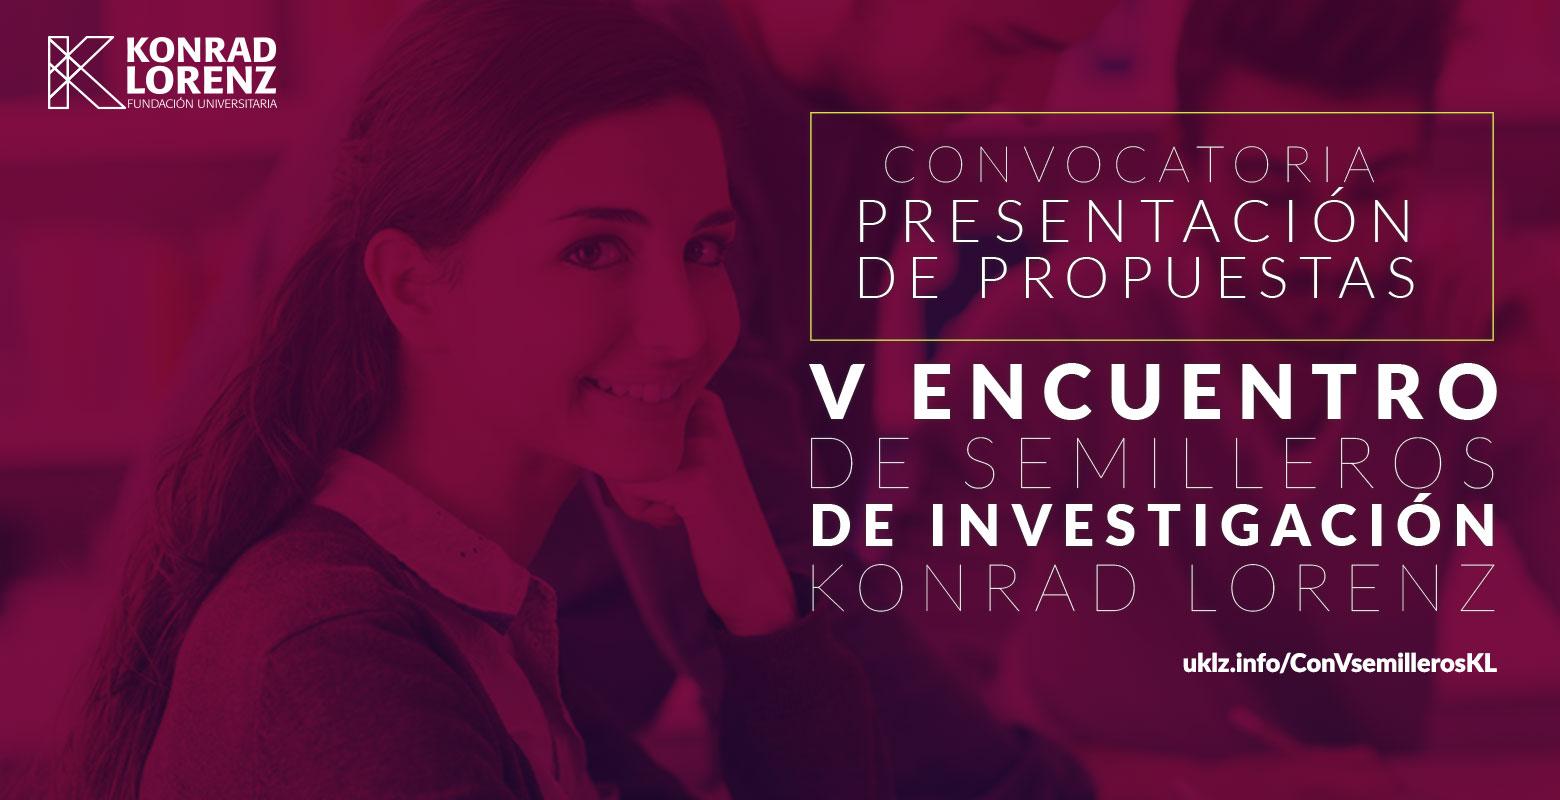 Convocatoria para presentación de propuestas V Encuentro de Semilleros de Investigación Konrad Lorenz (cerrada)